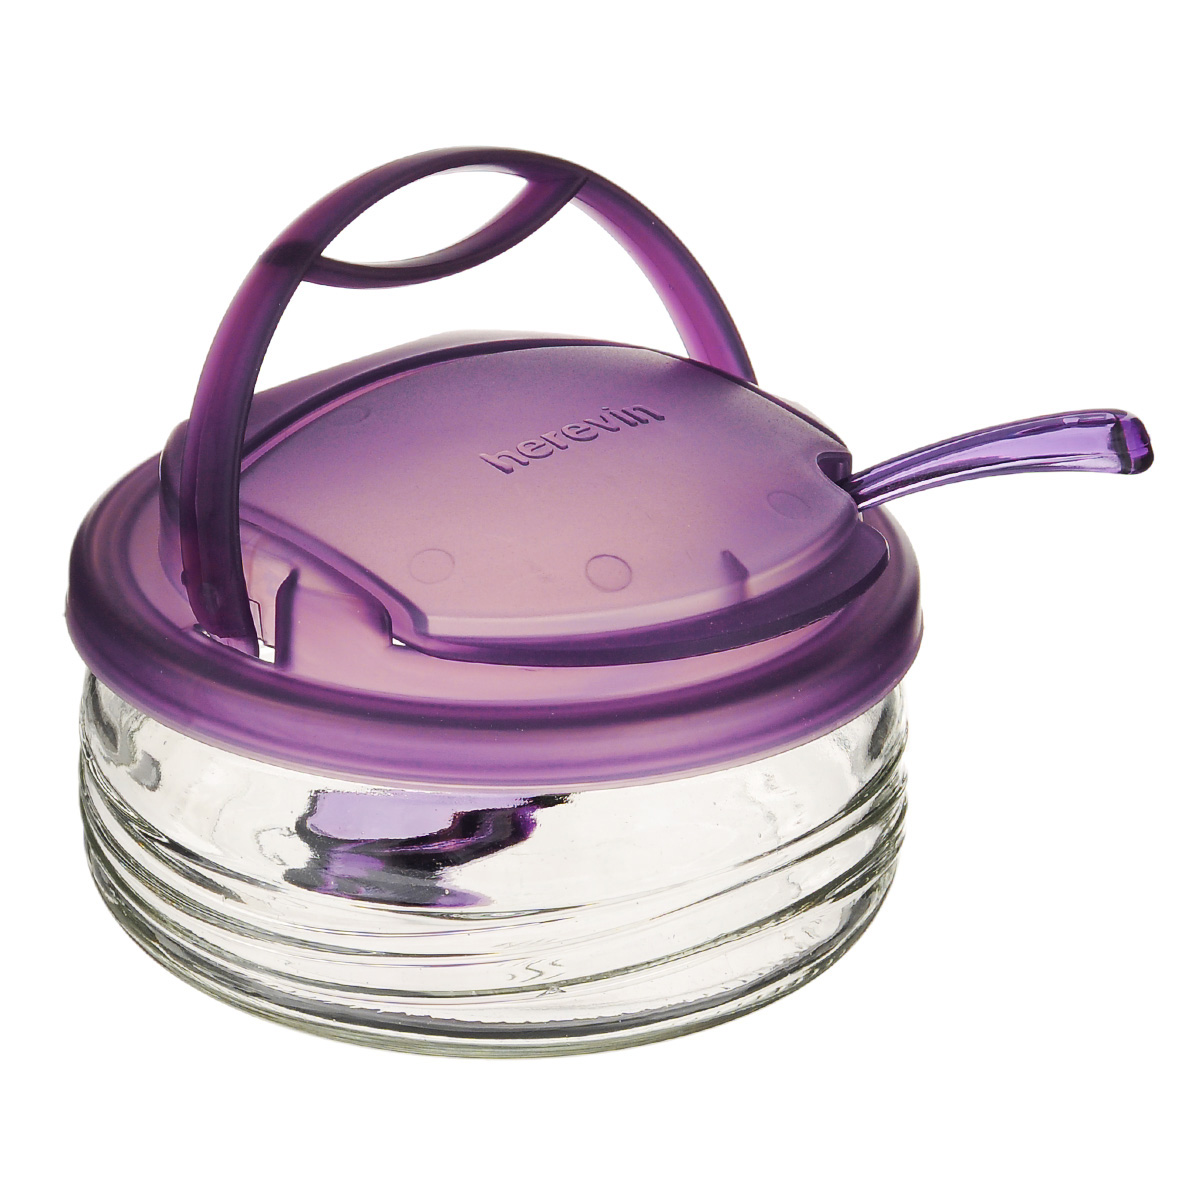 Сахарница Vera, с ложечкой, цвет: фиолетовый, 410 млS131555Сахарница Vera выполнена из высококачественного стекла и оснащена удобной съемной пластиковой крышкой. Крышка имеет специальное отверстие с поднимающимся козырьком. Чтобы насыпать сахар, вам достаточно будет поднять козырек и зачерпнуть нужное количество сахара. В набор входит специальная пластиковая ложечка. Такая оригинальная сахарница непременно украсит любой стол и прекрасно впишется в интерьер кухни. Объем: 410 мл.Диаметр сахарницы (по верхнему краю): 12 см.Высота сахарницы (с учетом крышки): 7 см. Длина ложечки: 13 см. Размер рабочей поверхности ложечки: 3,5 см х 3 см.